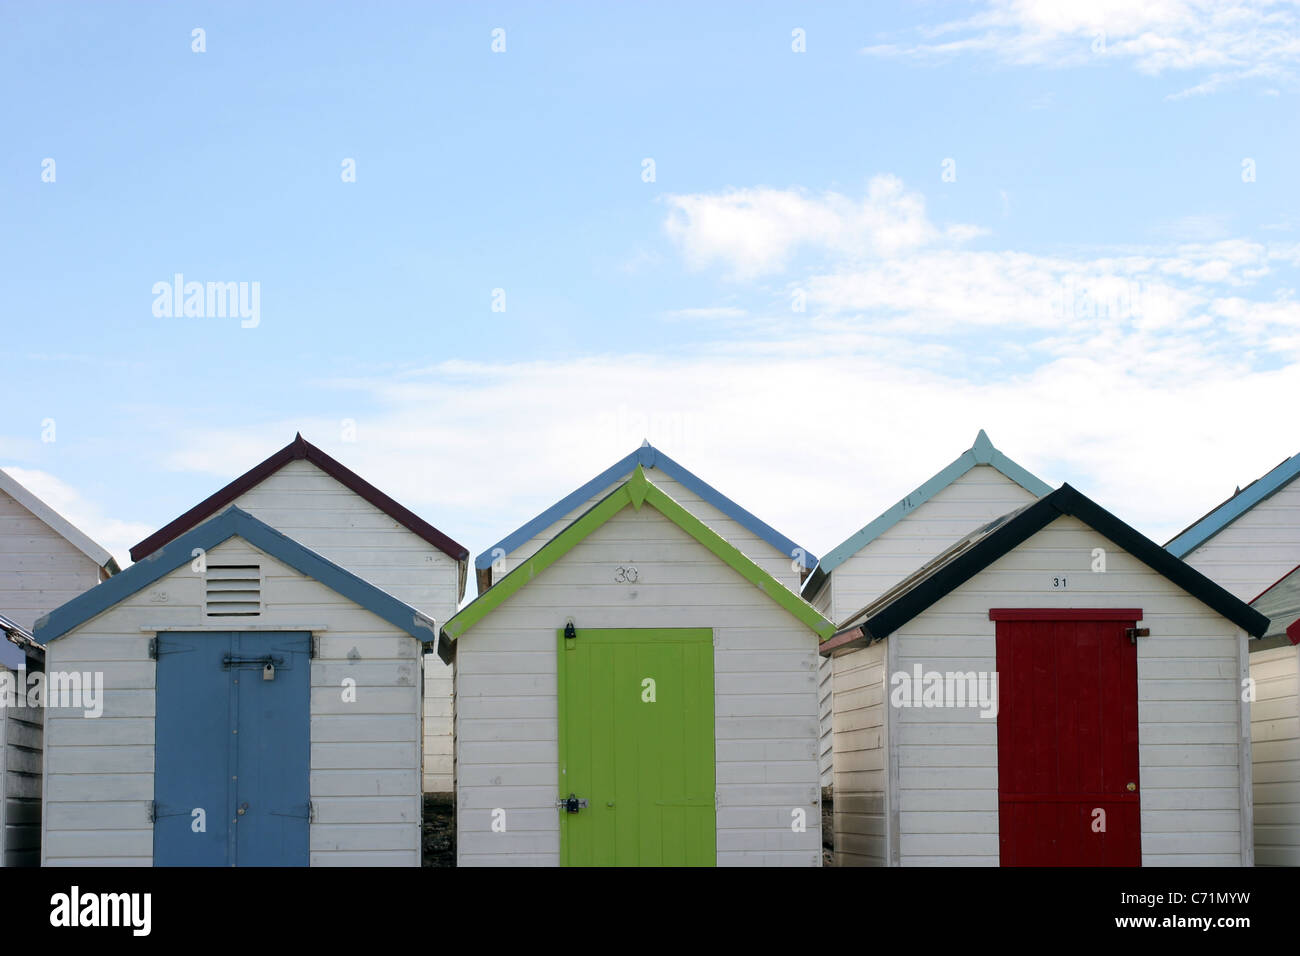 Beach Huts on the Promenade, Paignton, Devon, UK - Stock Image